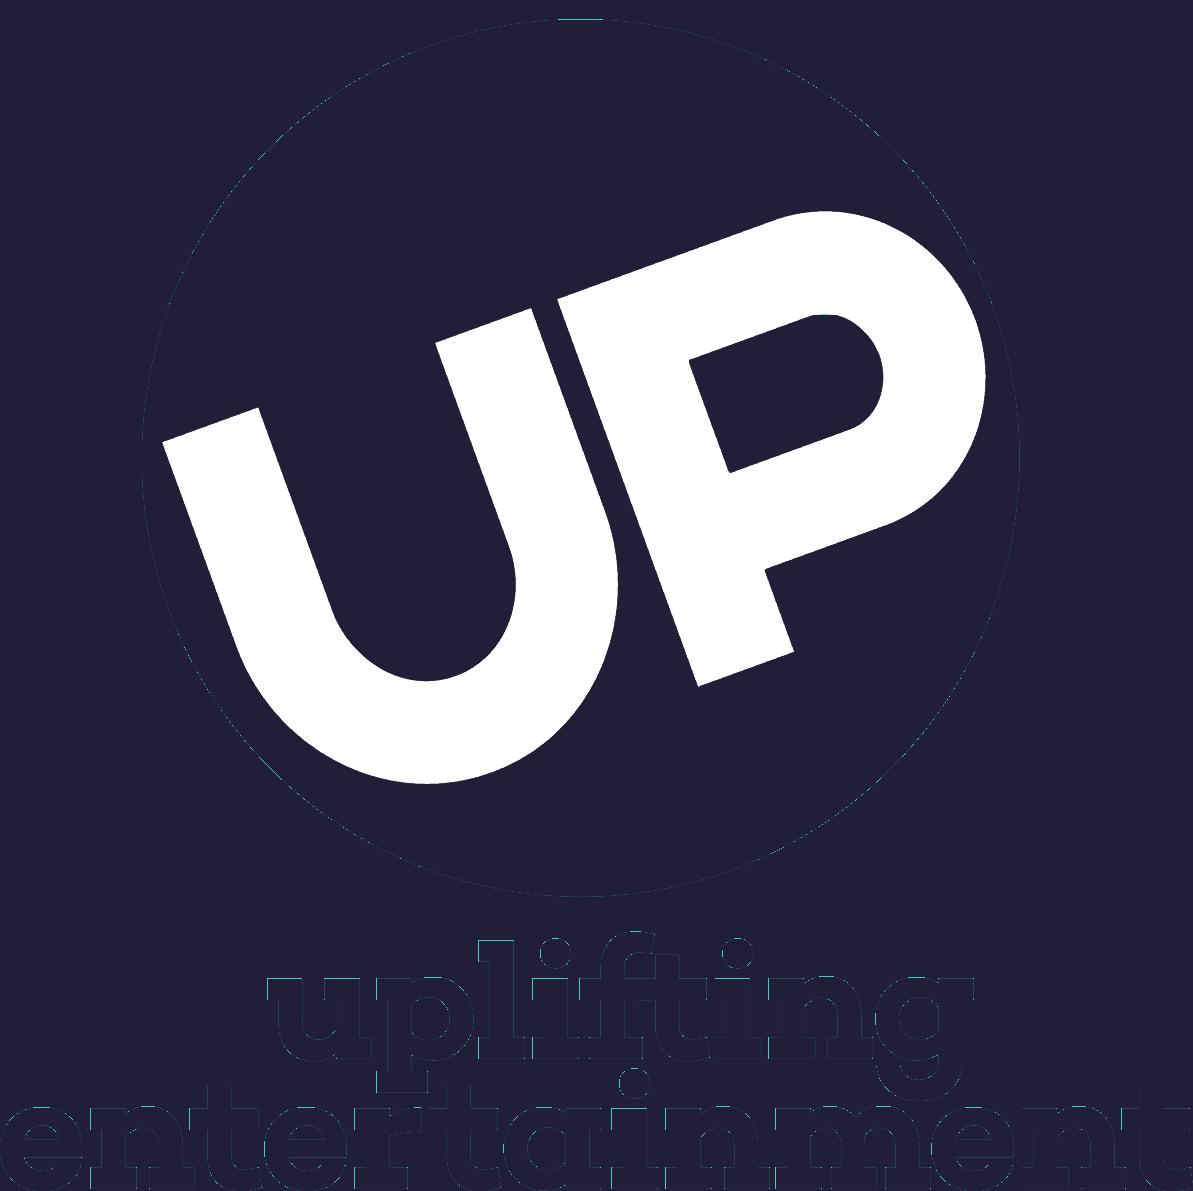 UpTV_new_logo_December_2014.png